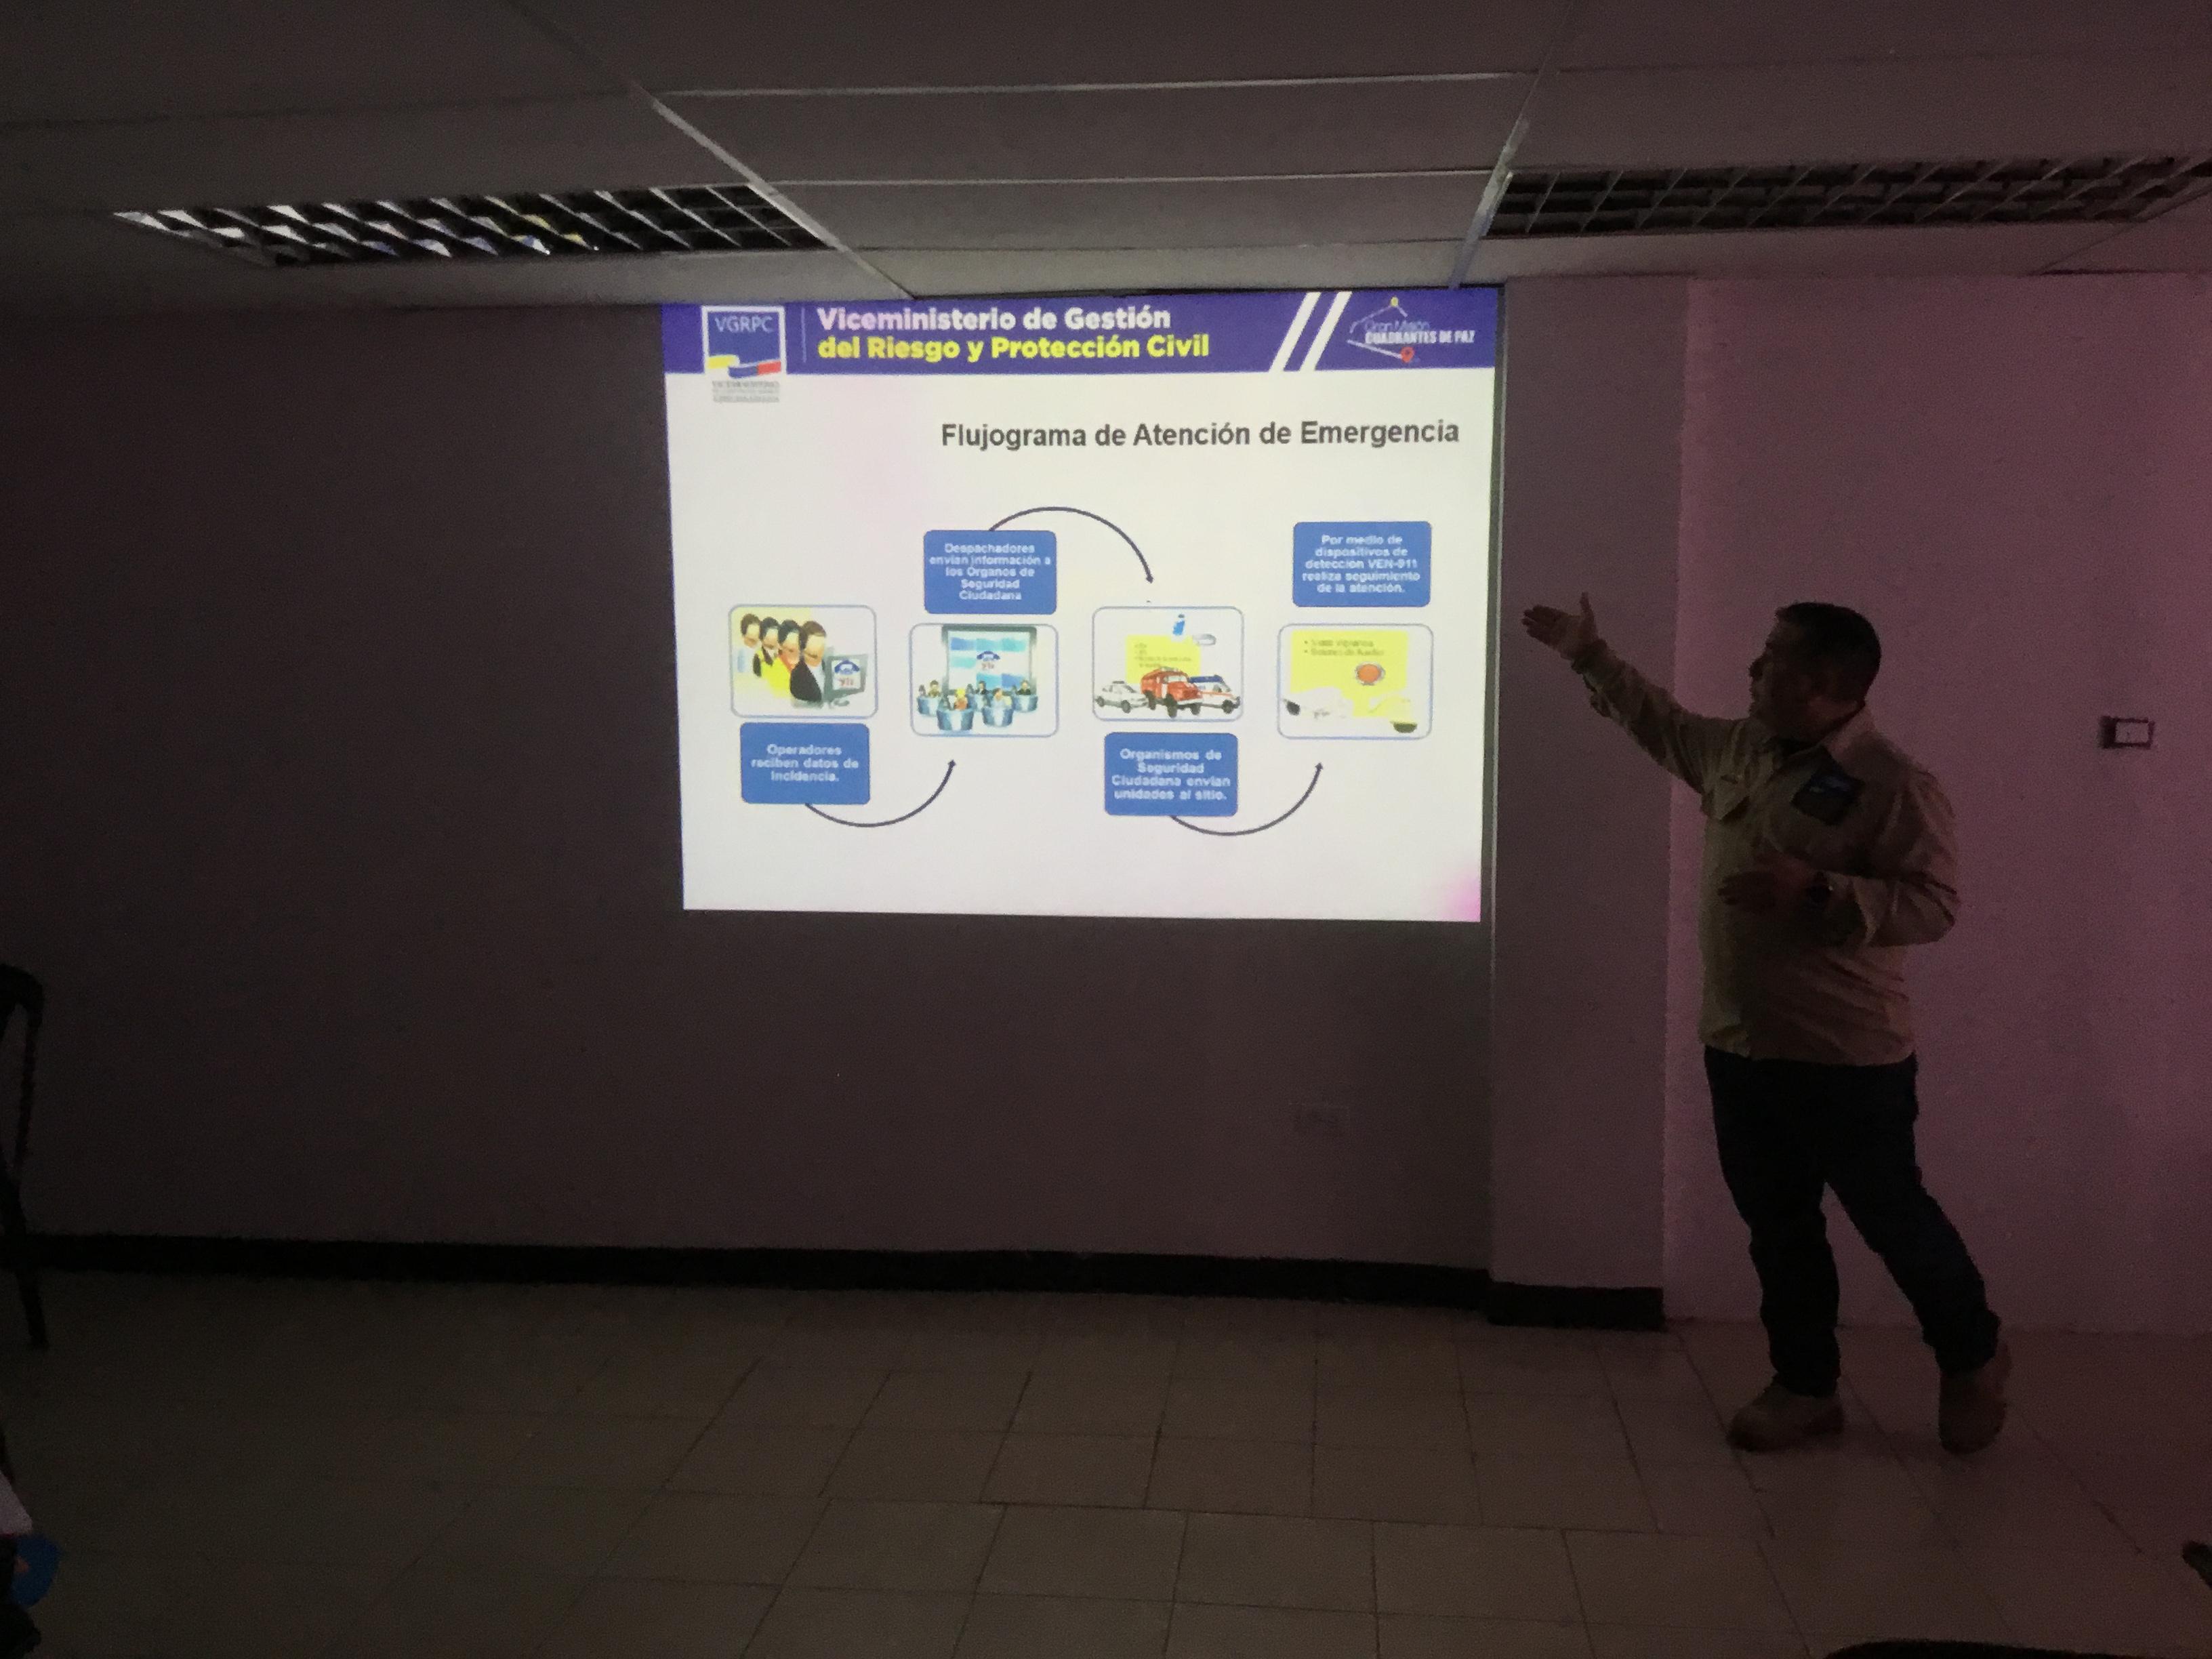 Sistema Nacional de Gestión de Riesgo establece alianzas con Min-Salud (4)